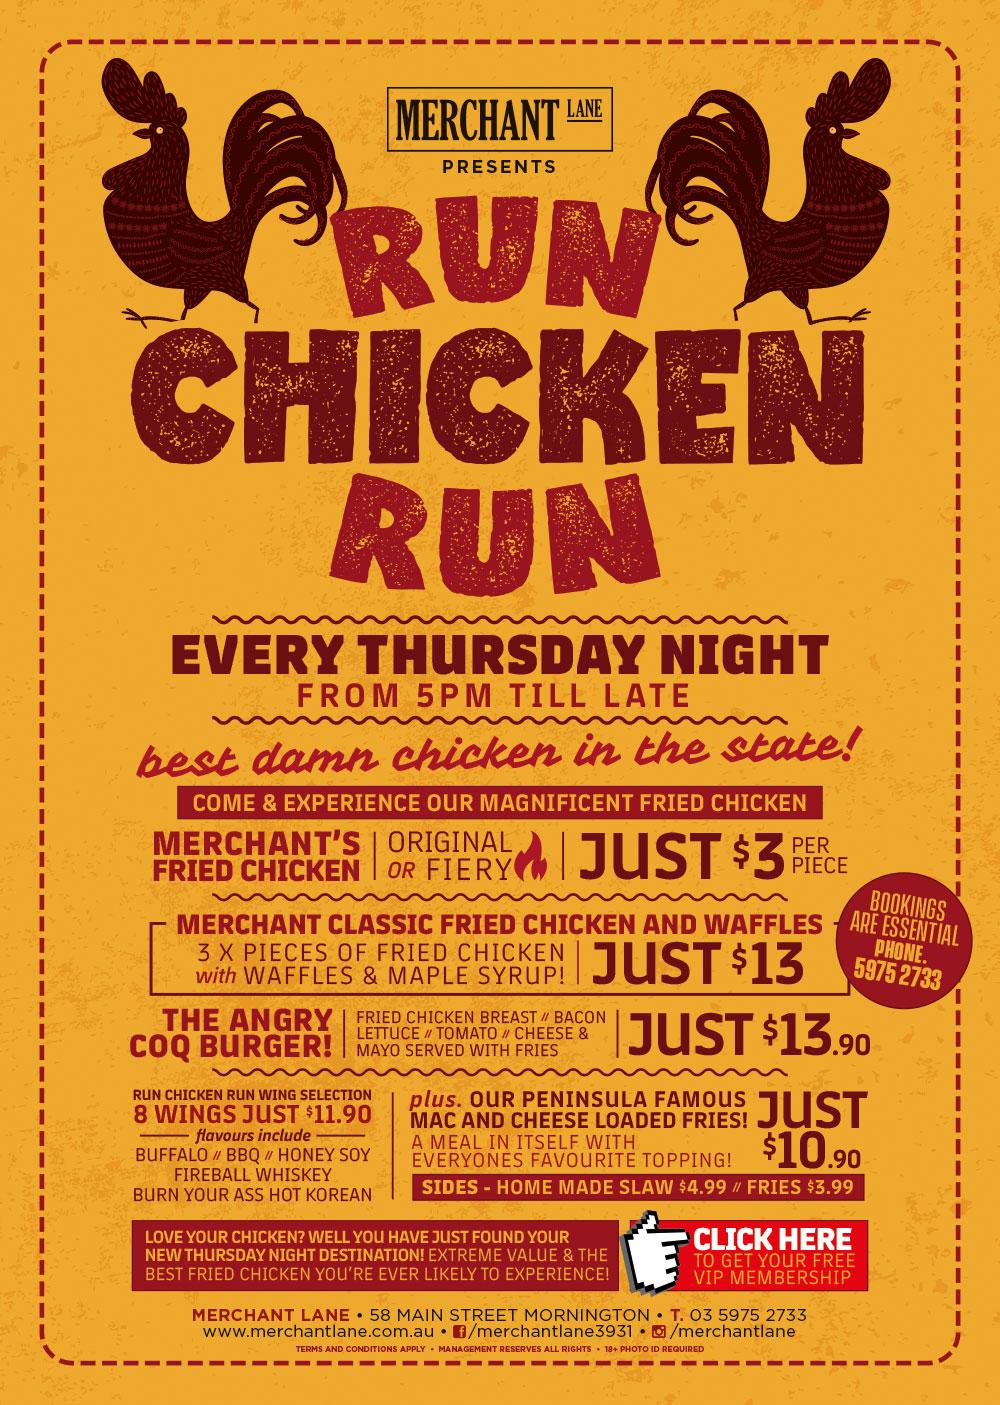 MERCHANT-run-chicken-run-CLICK-HERE-jan19